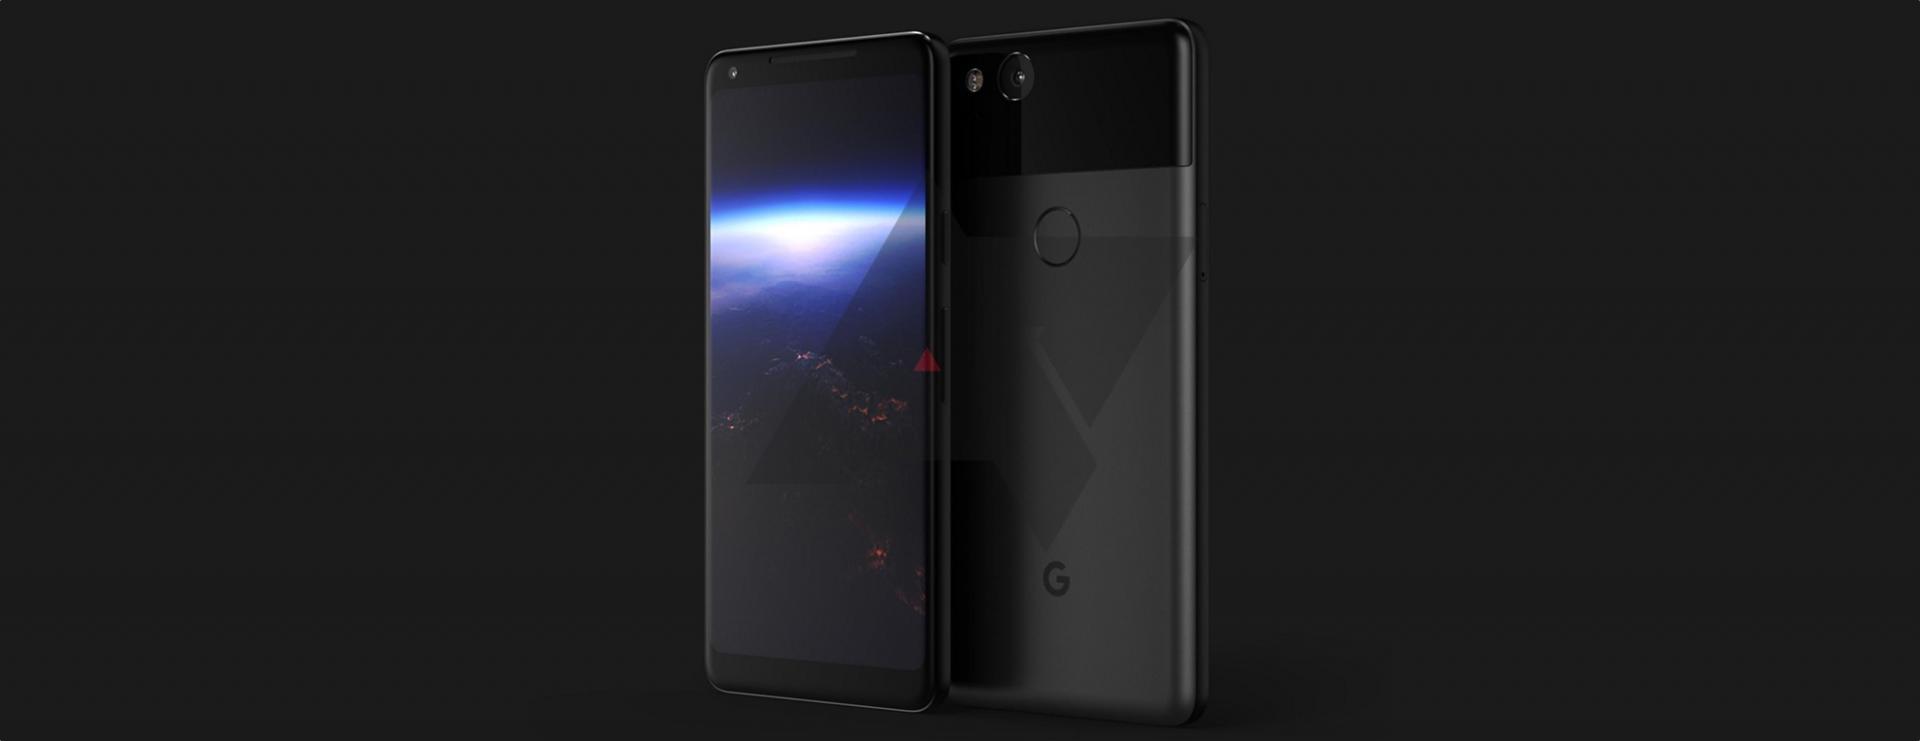 Google Pixel 2: la presentazione il 4 ottobre, le caratteristiche